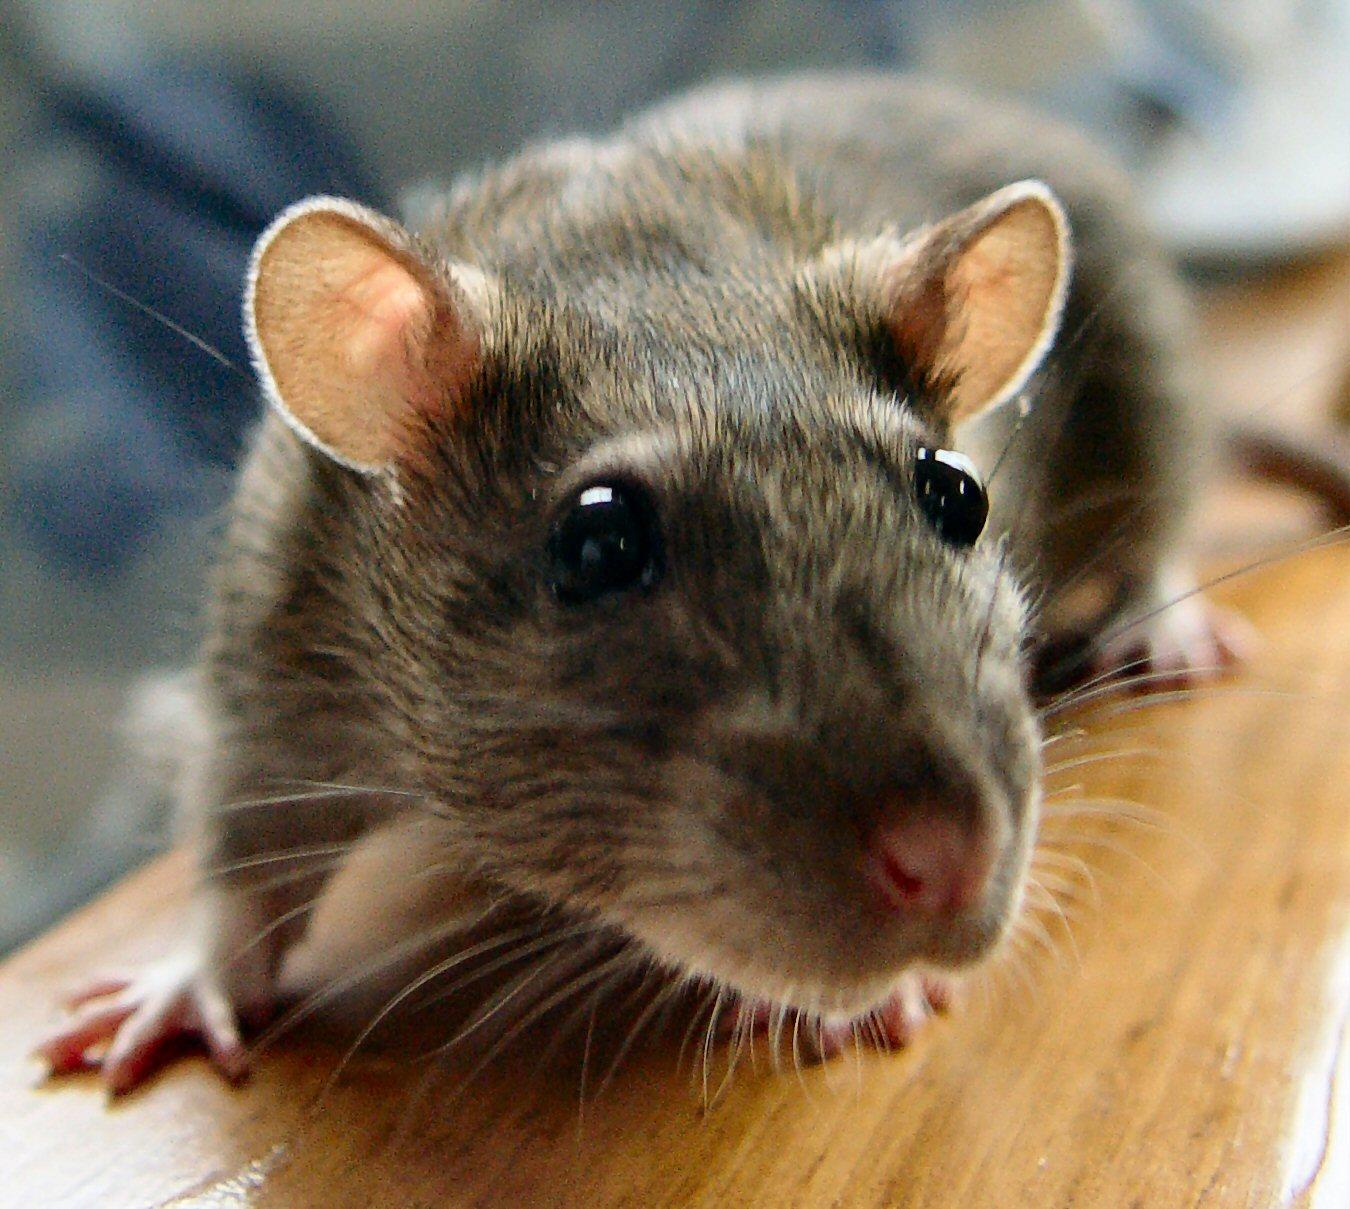 fare resimleri bilgileri